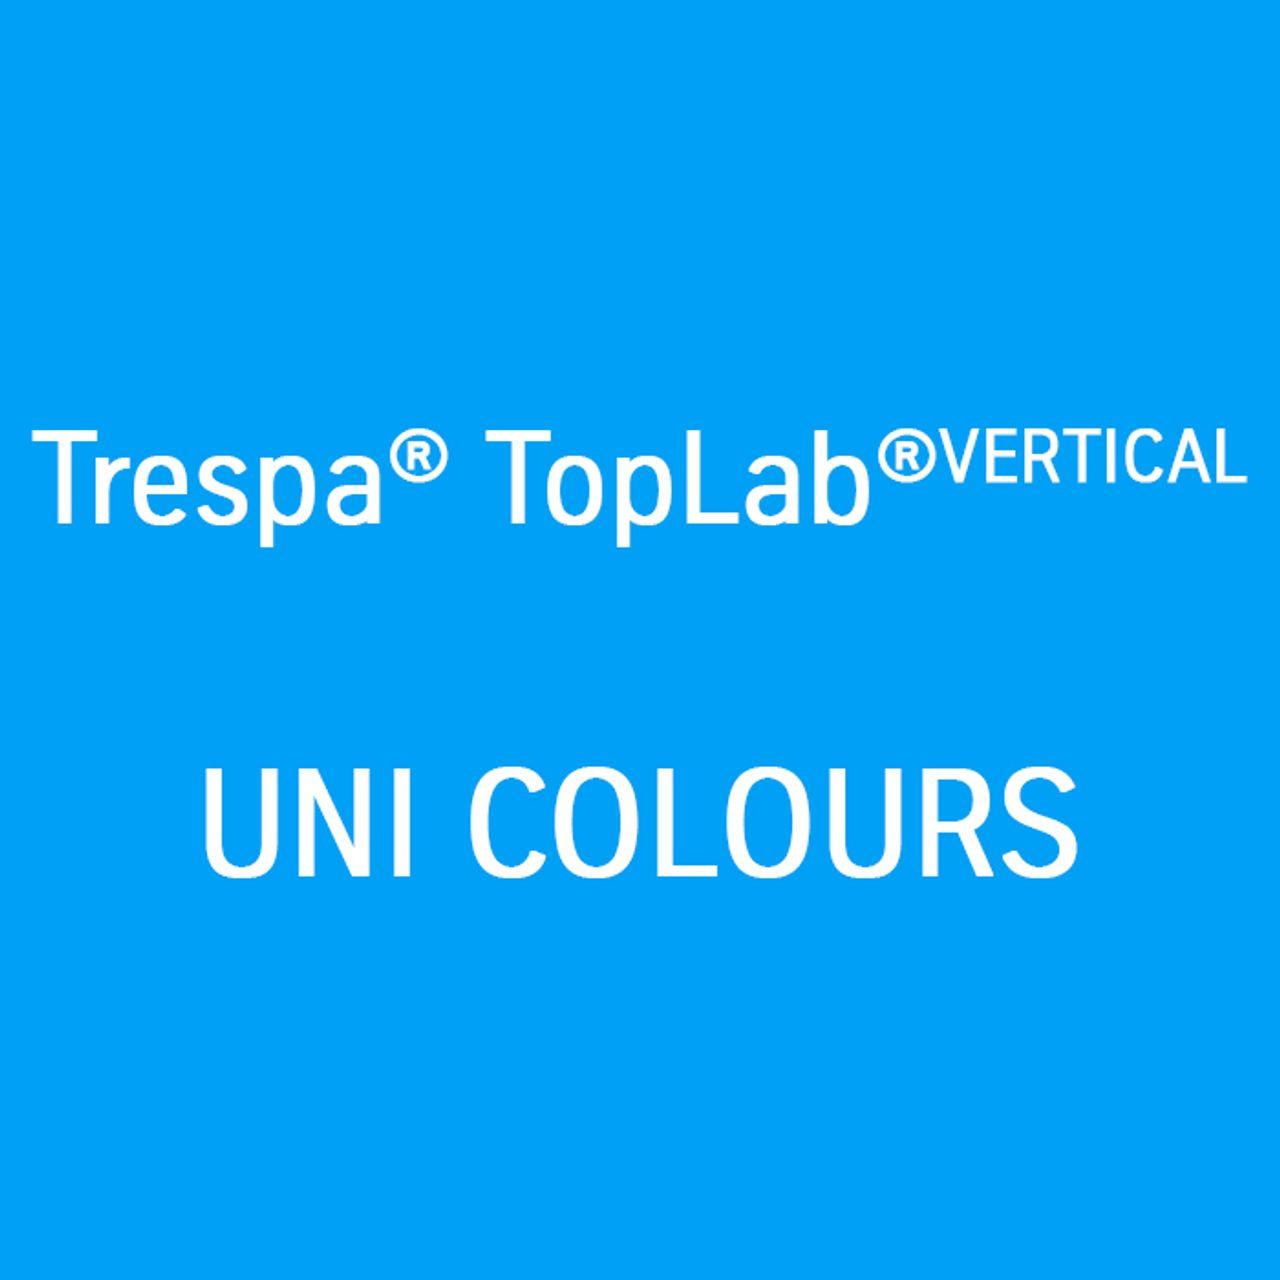 Trespa Top Lab Vertical Uni Colours